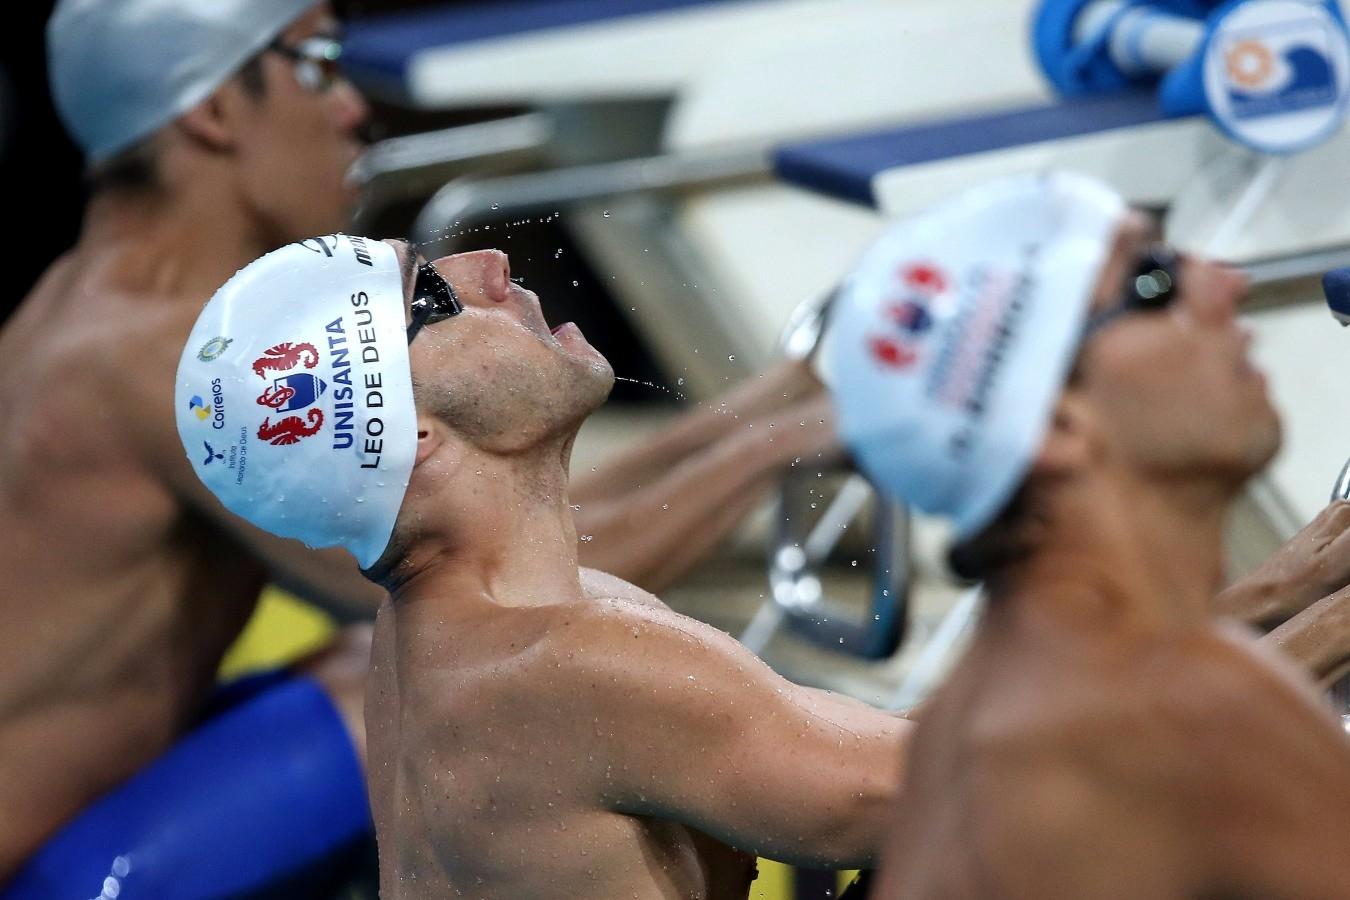 Leonardo de Deus. Trofeu Maria Lenk. Parque Aquatico Maria Lenk. 05 de Maio de 2017, Rio de Janeiro, RJ, Brasil. Foto: Satiro Sodré/SSPress/CBDA